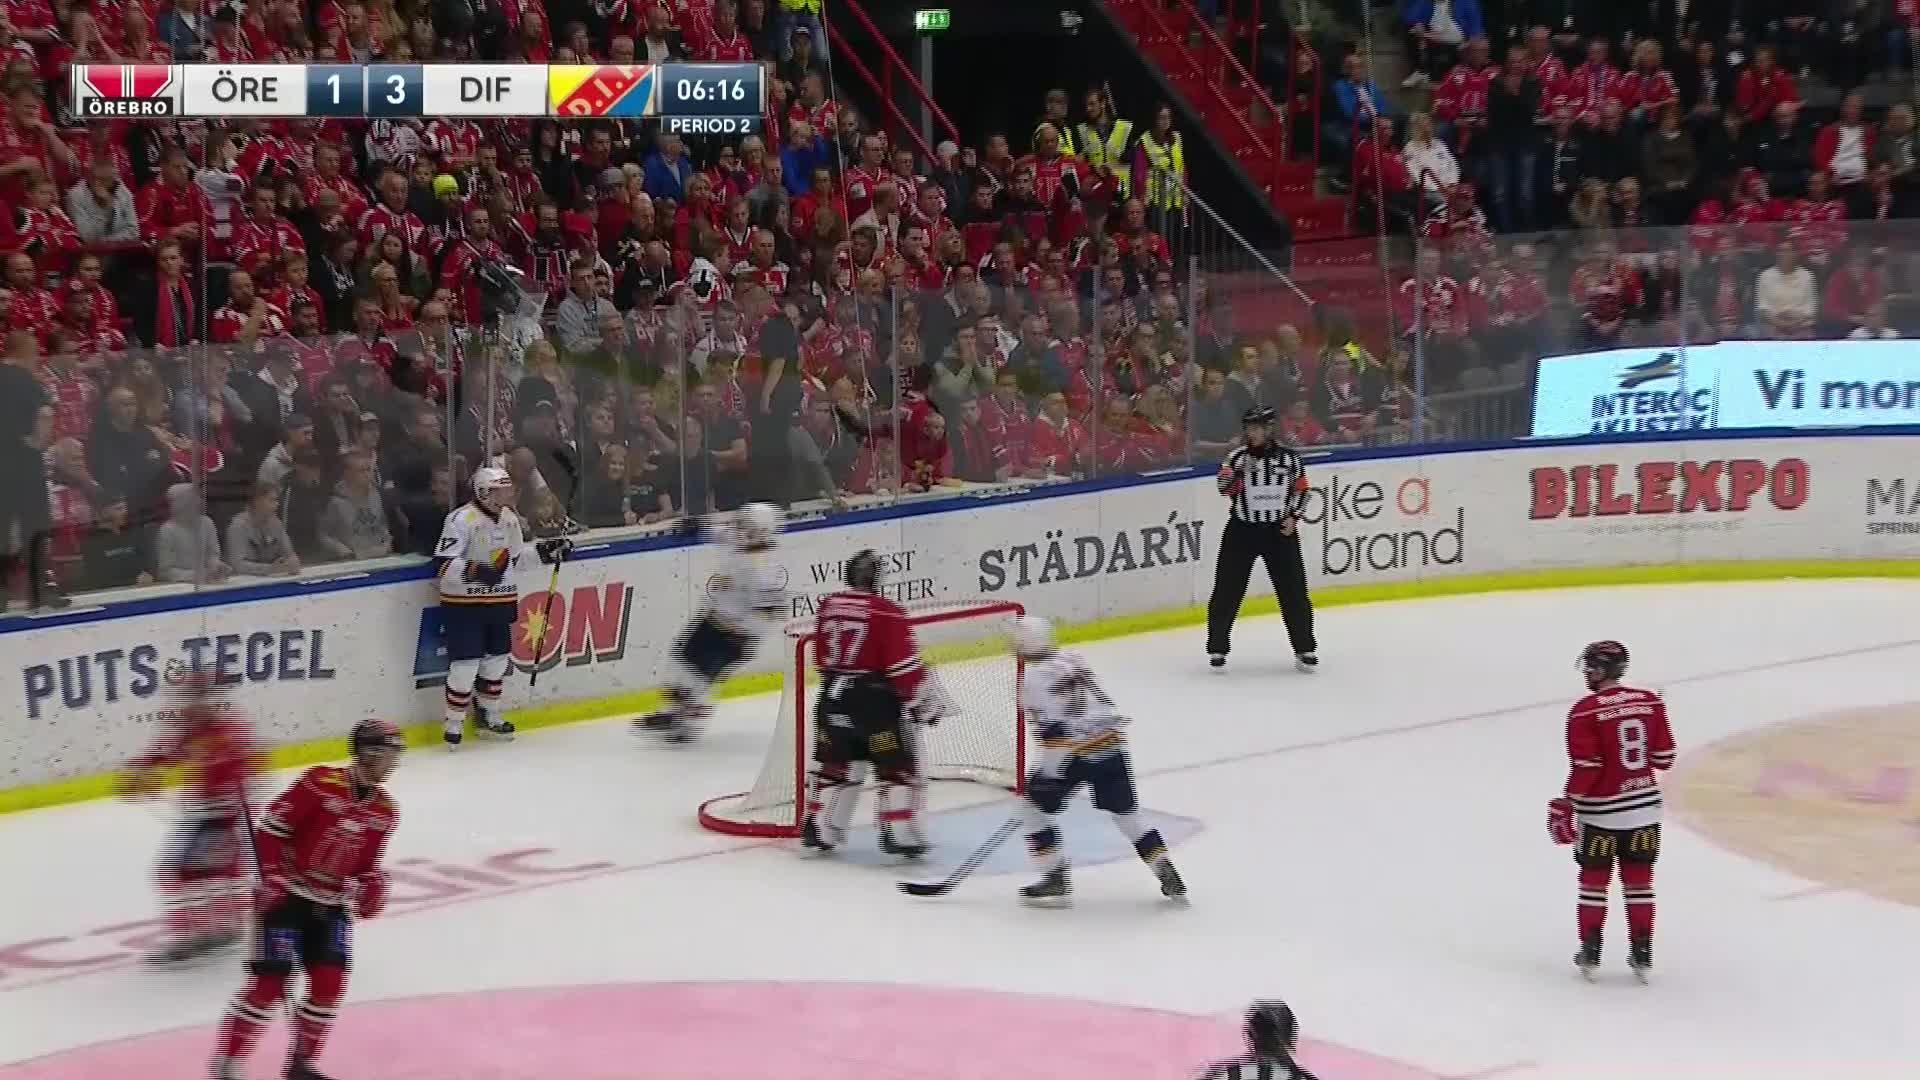 Örebro Hockey - Djurgården Hockey 1-3